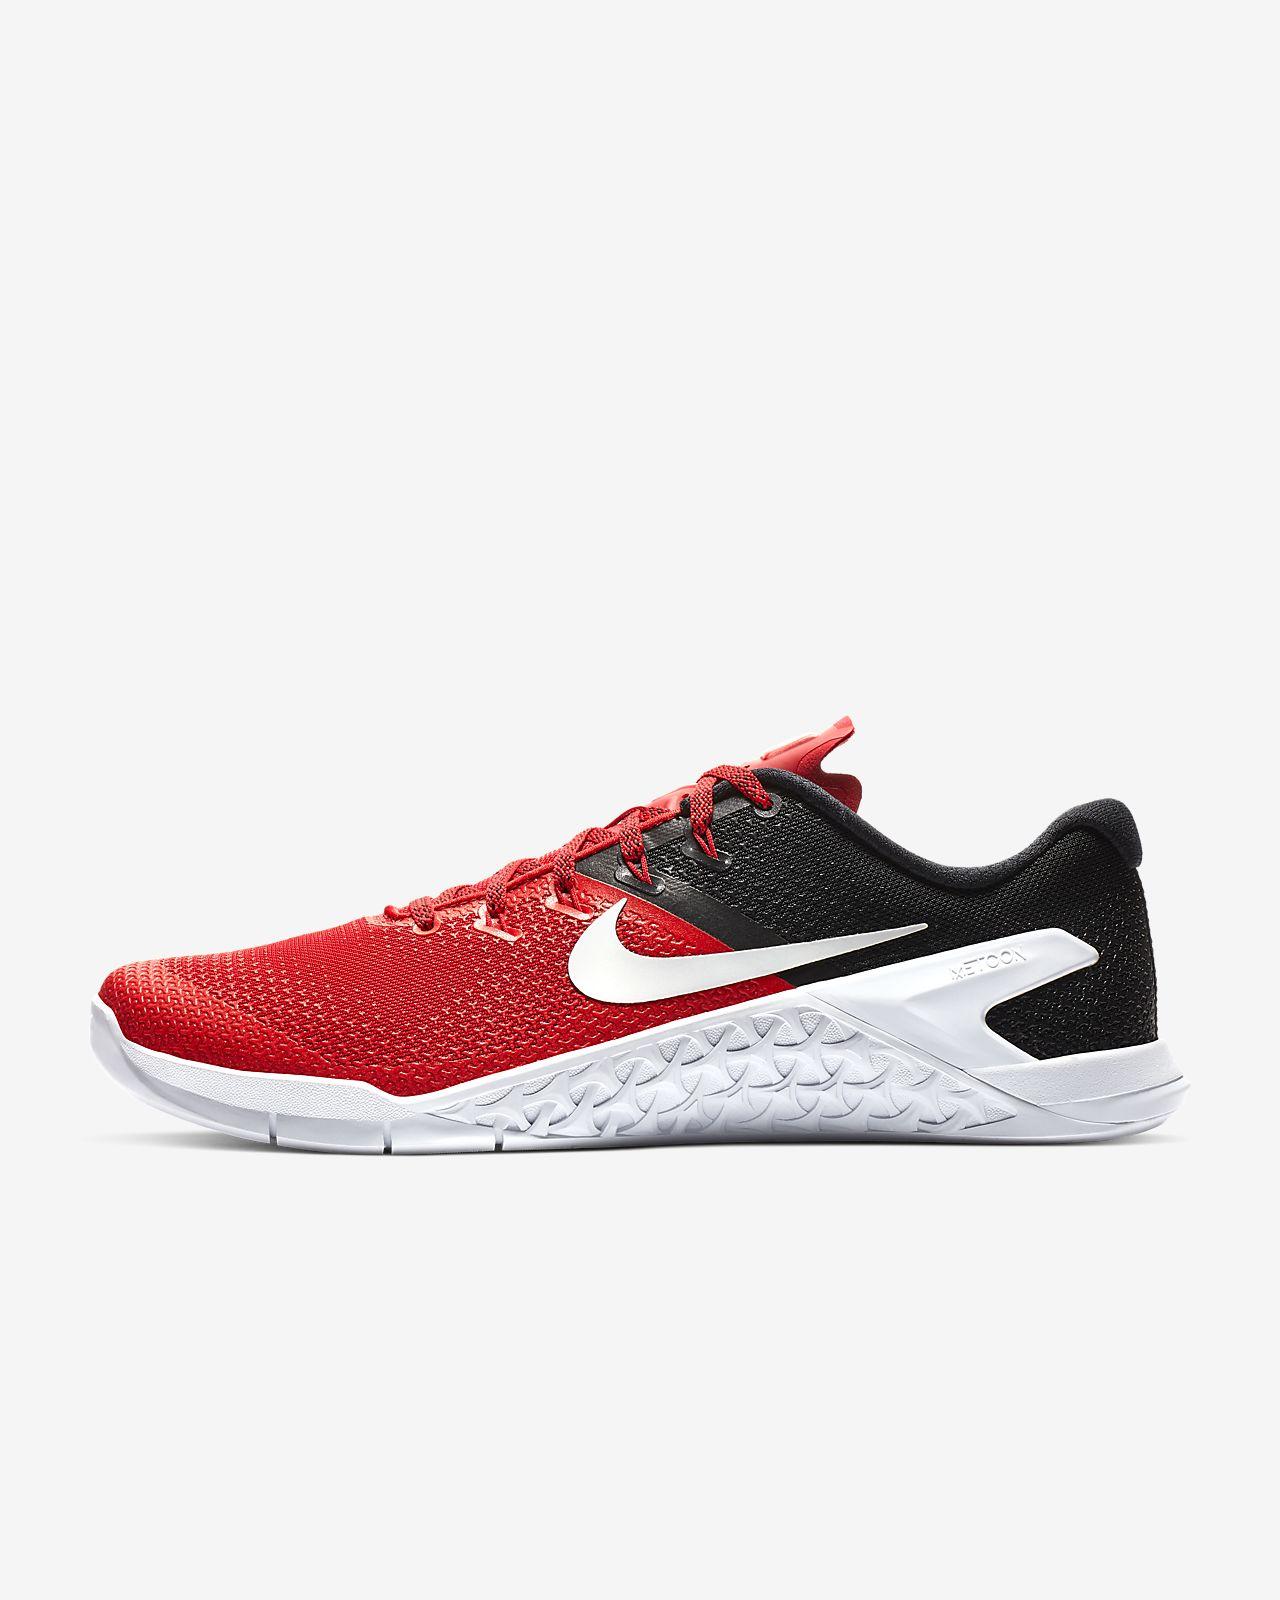 27d27ece9c8f Nike Metcon 4 Men s Cross Training Weightlifting Shoe. Nike.com GB